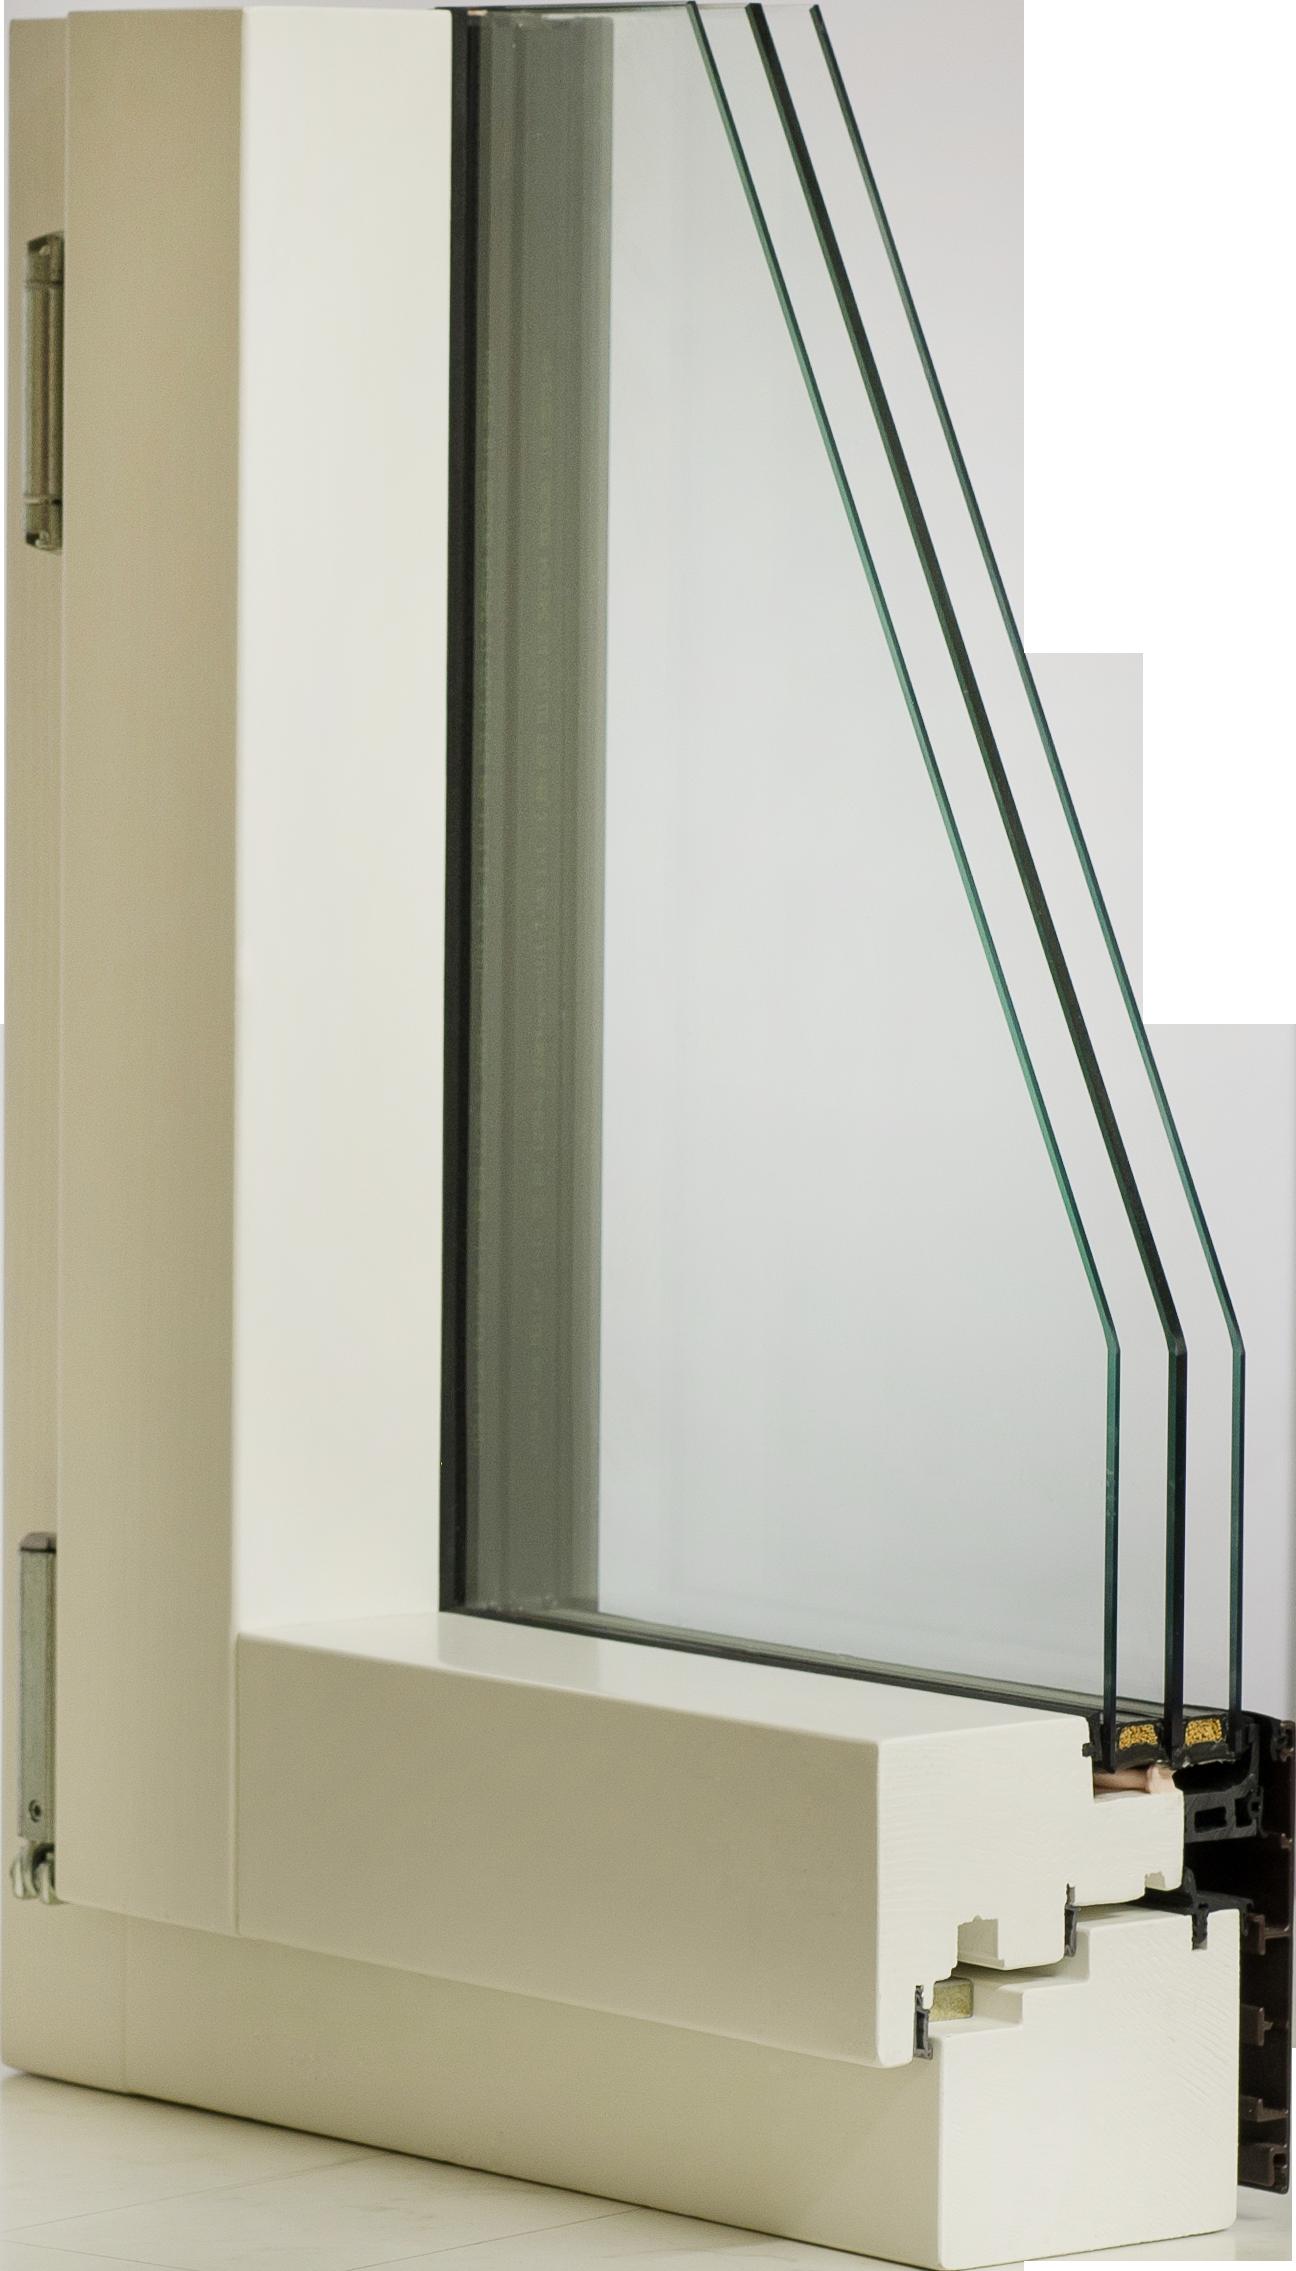 Full Size of Holz Alu Fenster Mit 3 Fach Verglasung Ohne Rahmen Rc3 Günstig Kaufen Salamander Dreh Kipp Einbau Fliegennetz Velux Einbauen Rc 2 Trocal Insektenschutz Herne Fenster Holz Alu Fenster